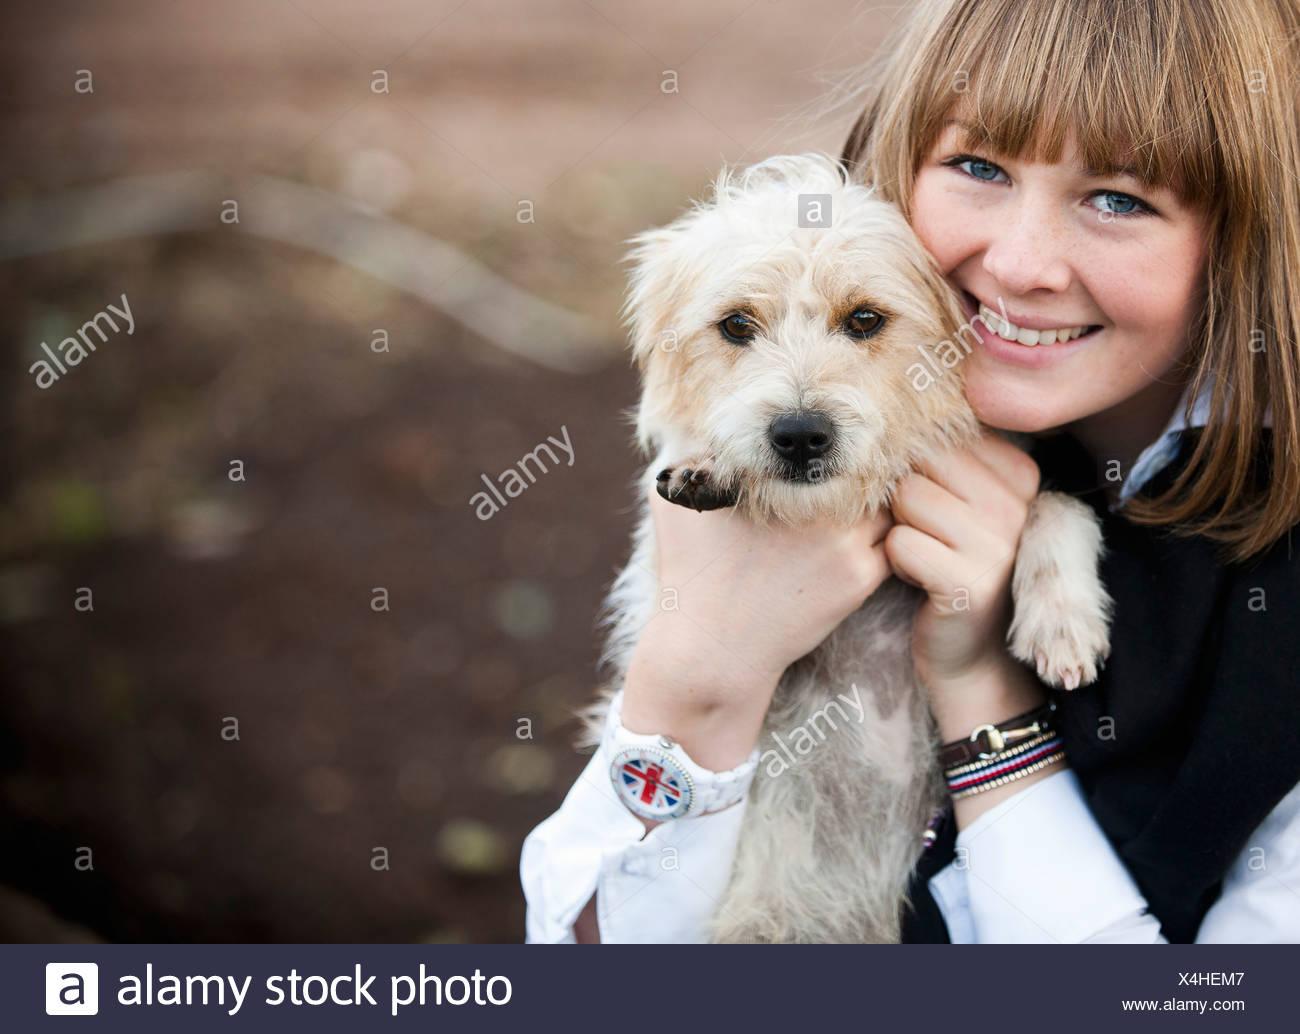 Une femme serrant un petit chiot terrier poilue. Photo Stock